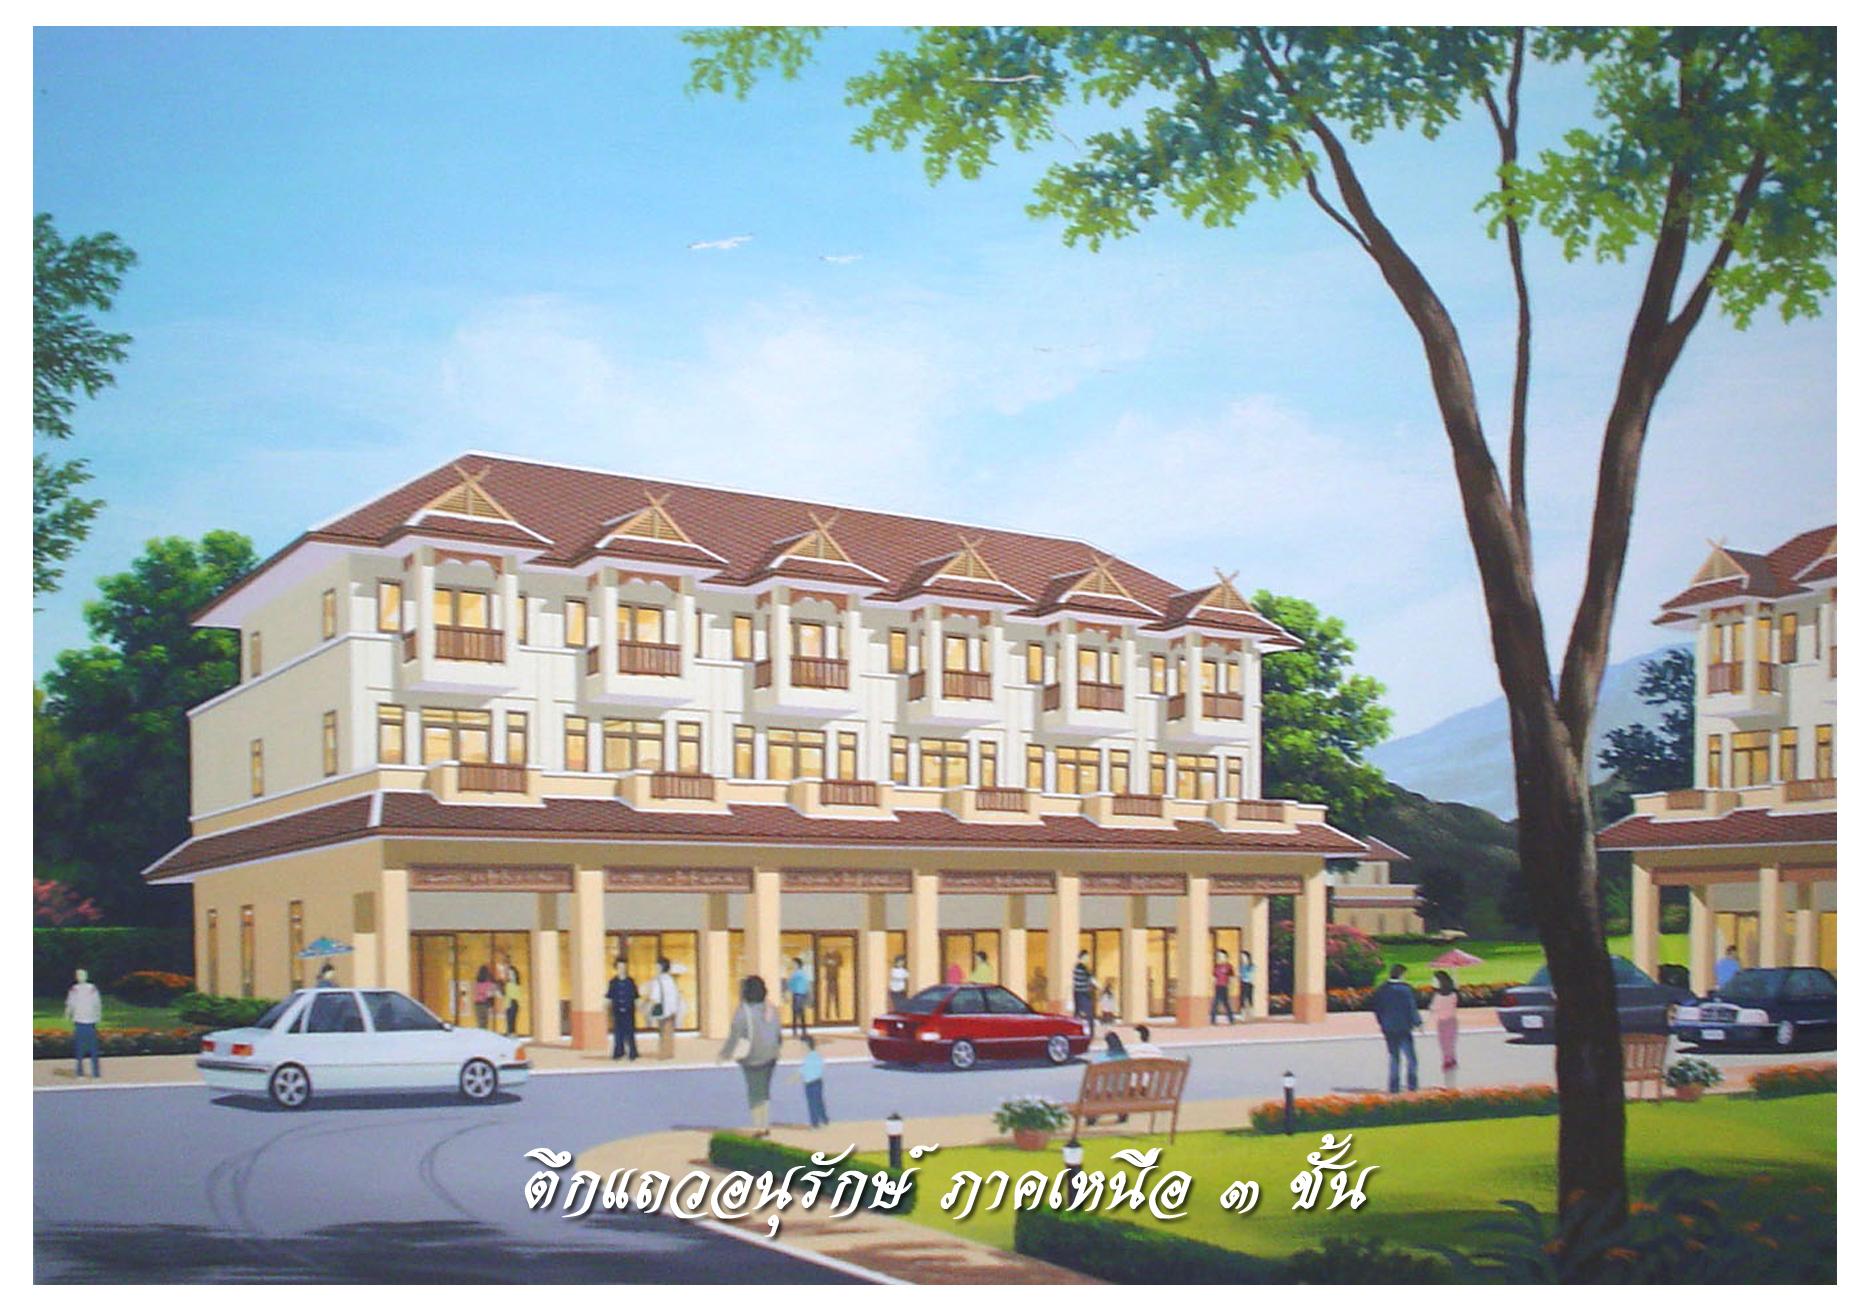 ตึกแถวไทยอนุรักษ์ไทยภาคเหนือ2